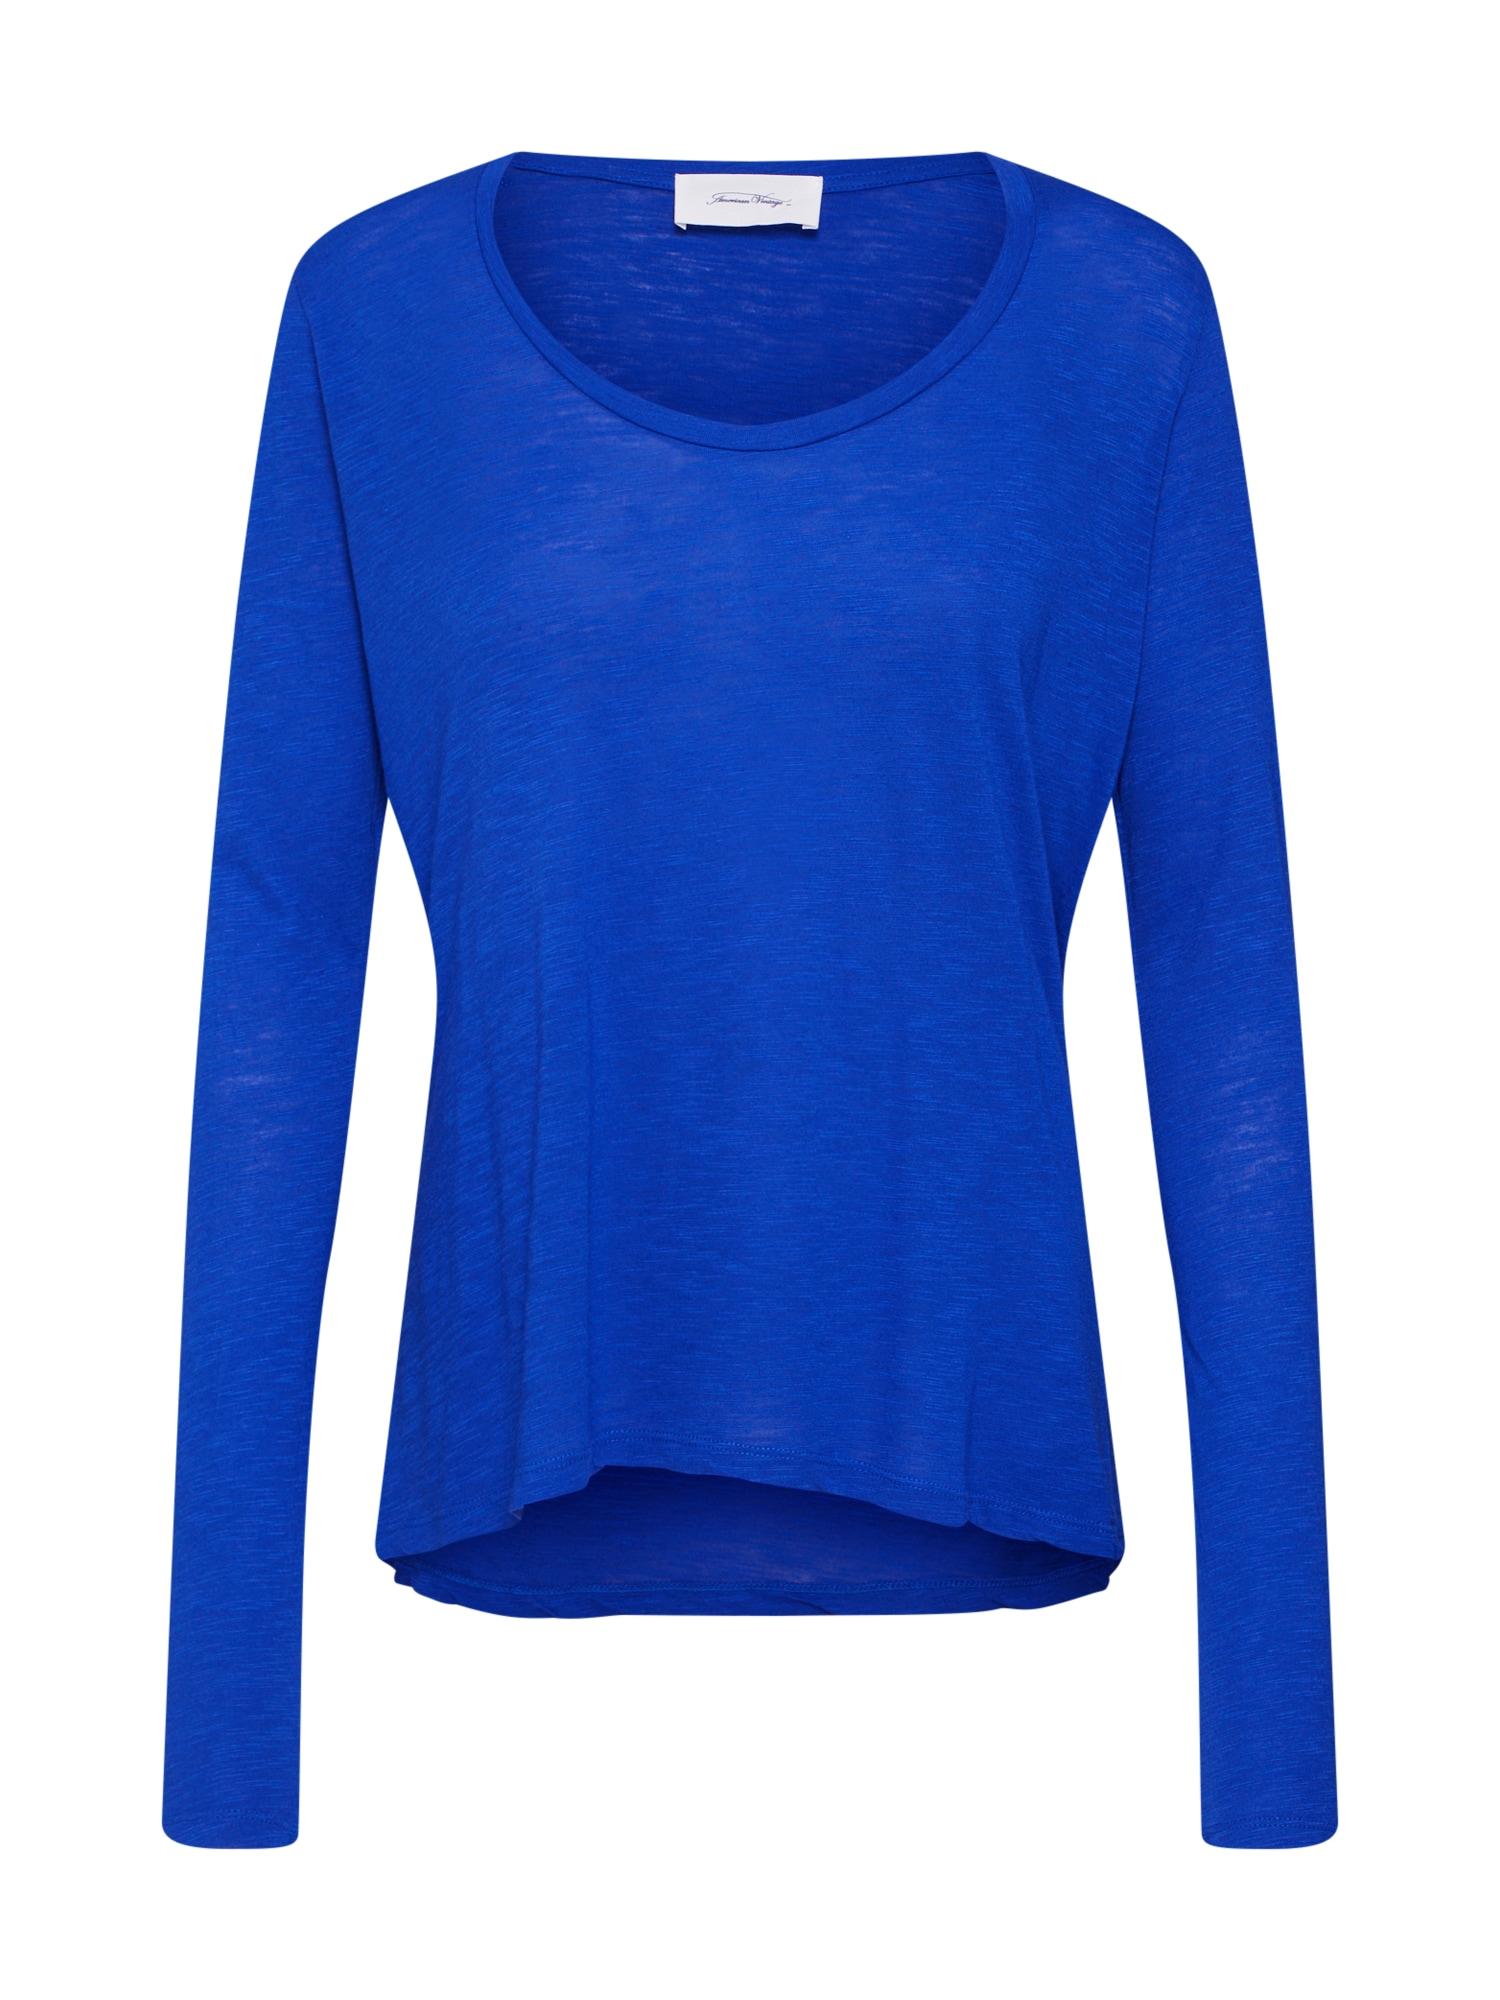 Tričko JACKSONVILLE královská modrá AMERICAN VINTAGE